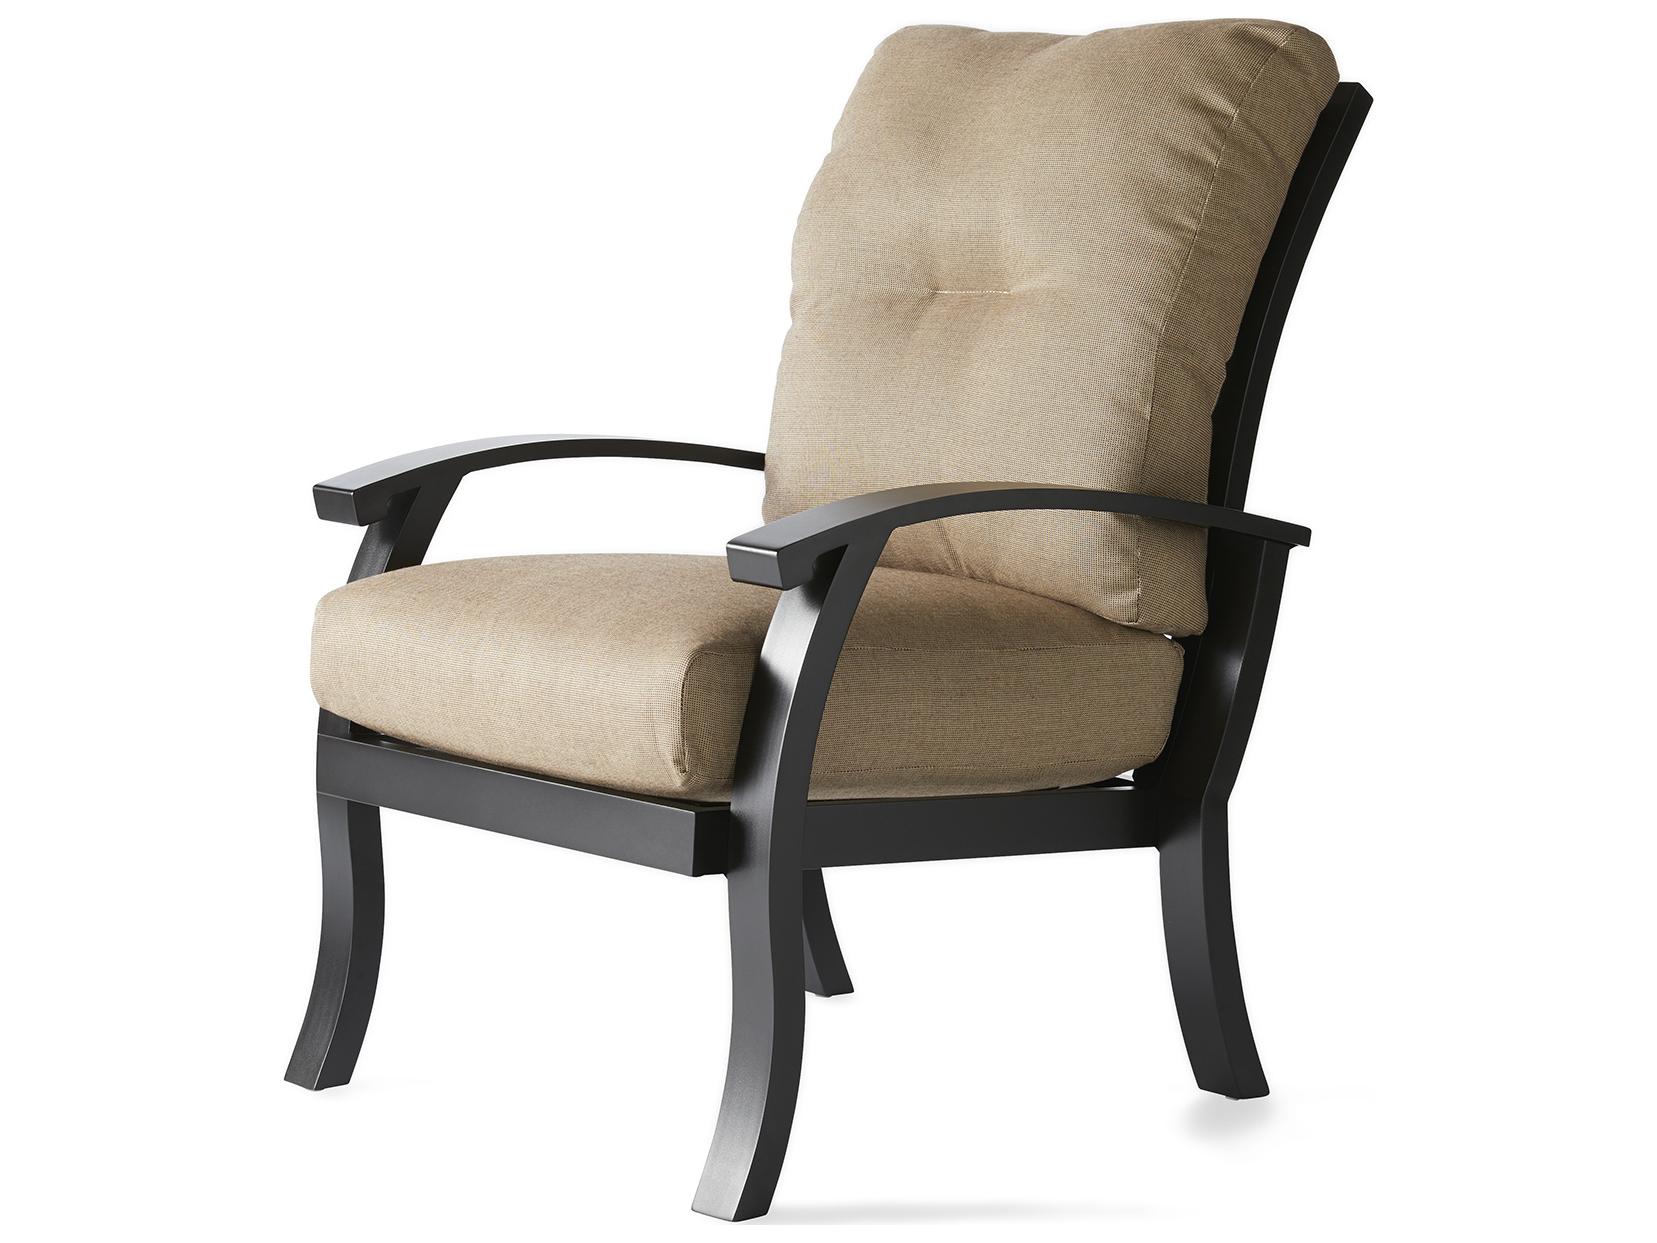 Mallin Georgetown Cushion Aluminum Dining Arm Chair Gt 410